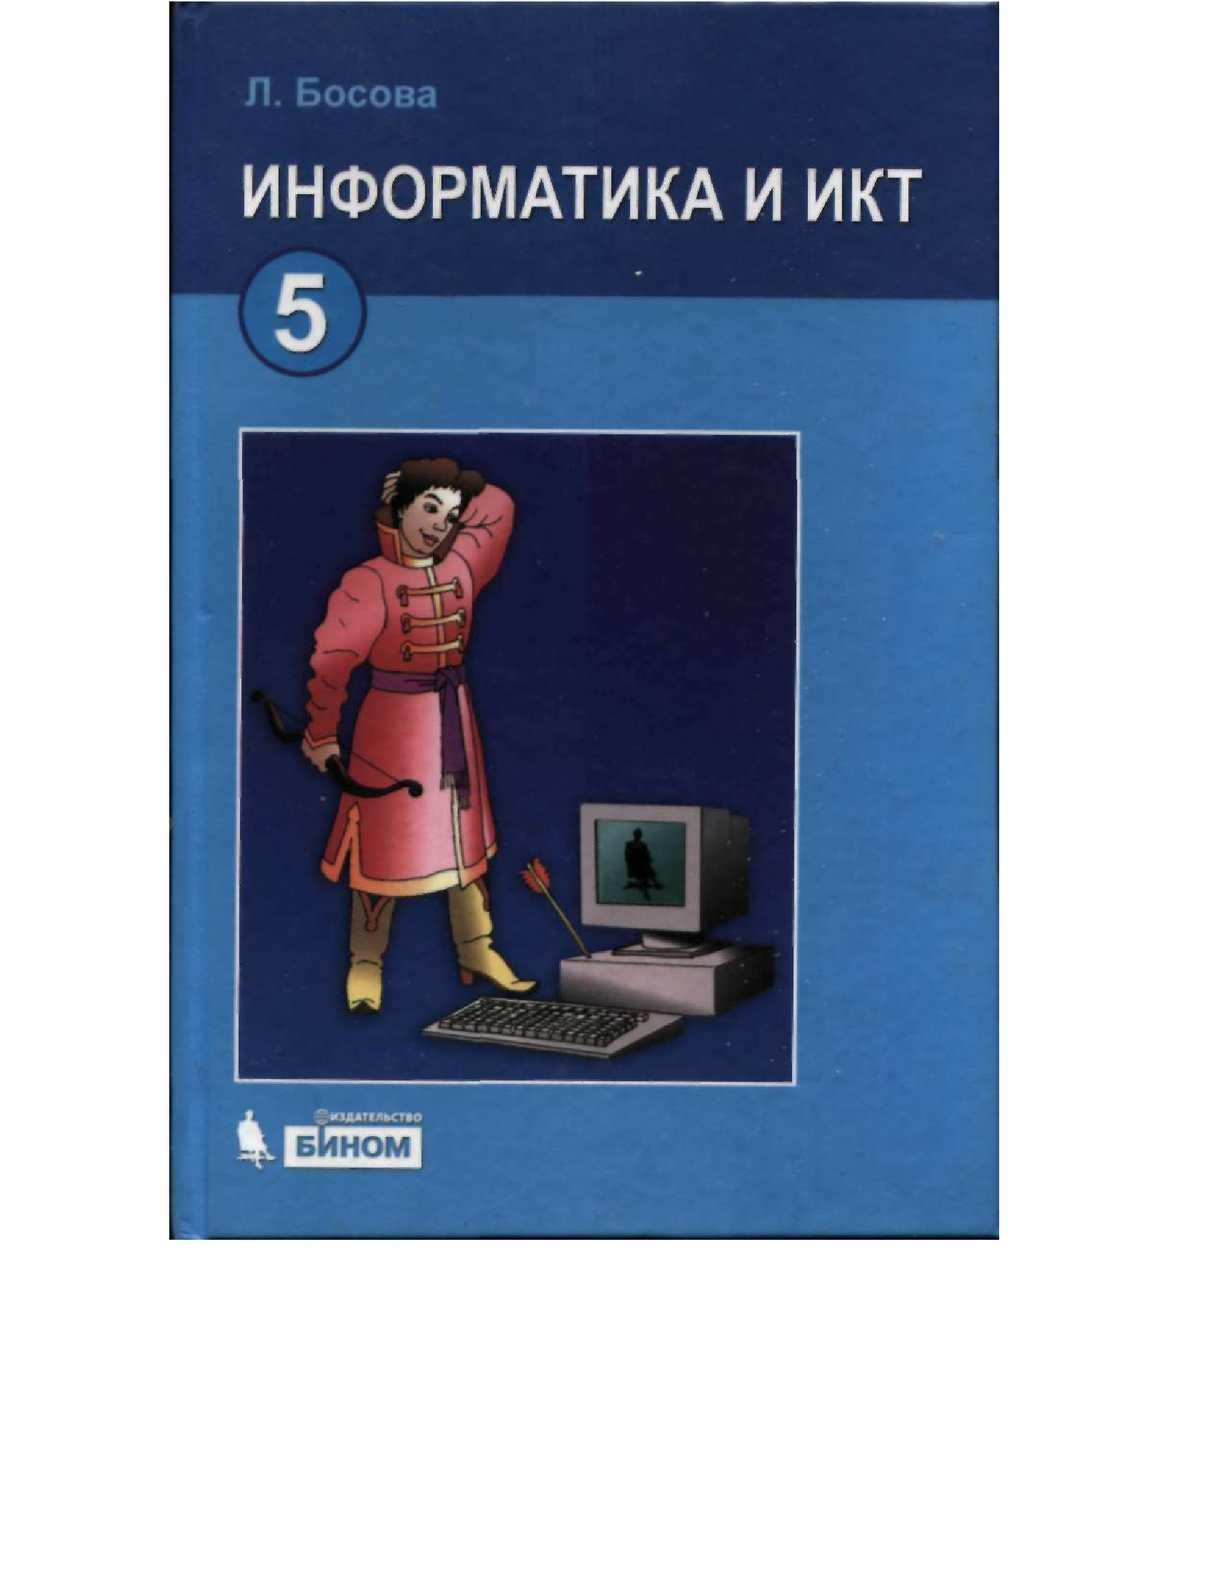 босова л.л решебник к учебнику 5кл скачать